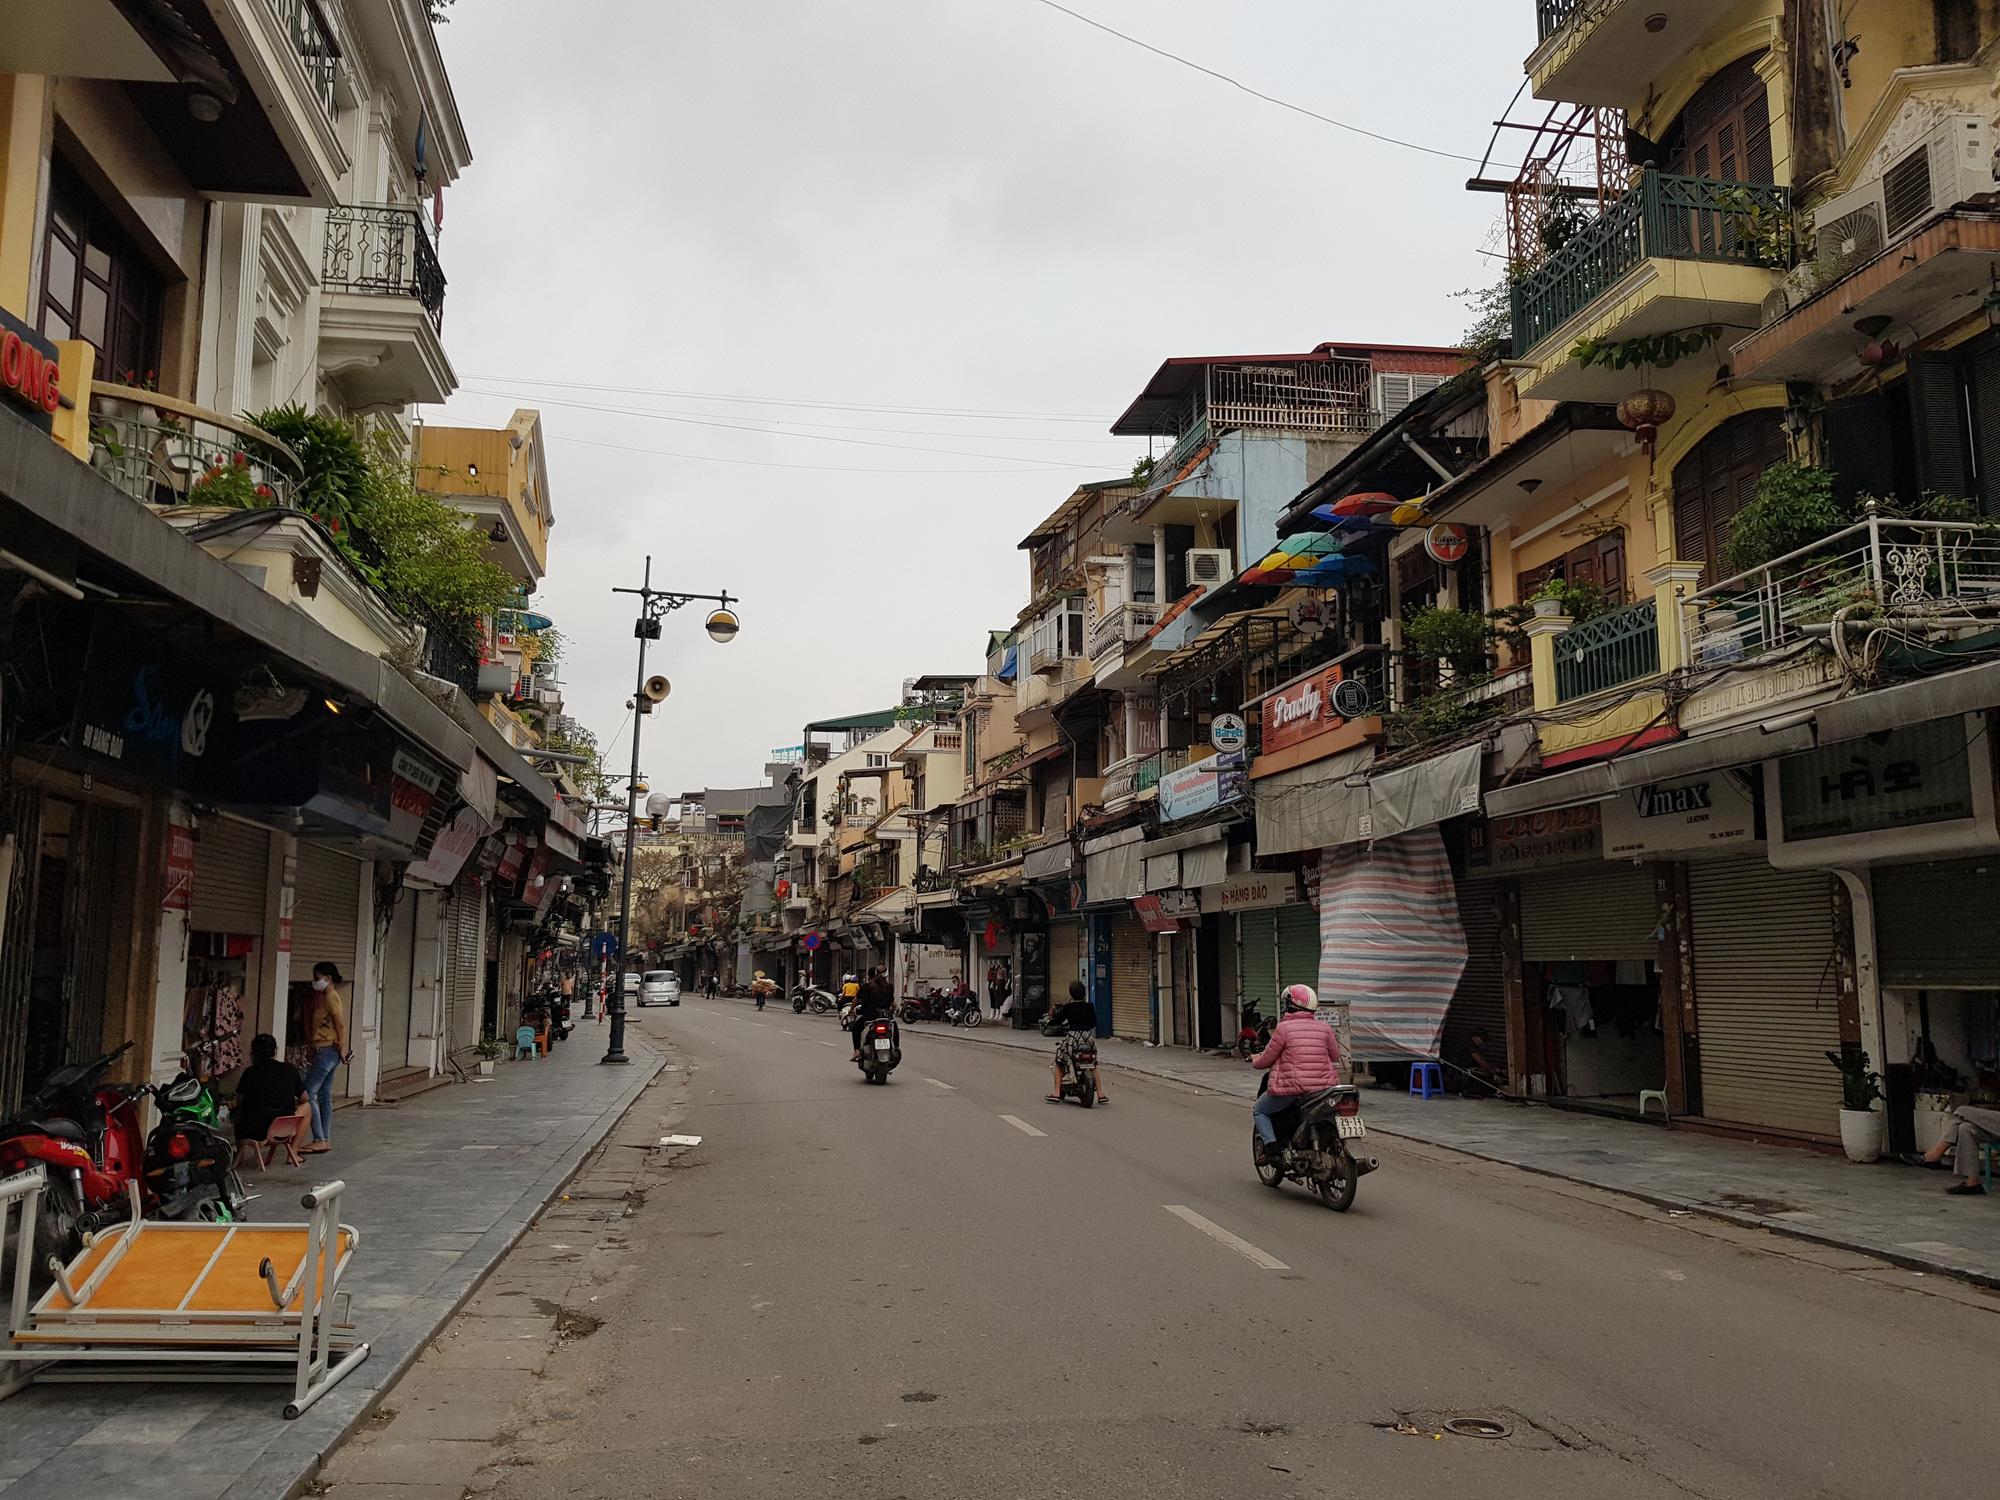 Sau lệnh tạm thời đóng cửa, nhiều đường phố Hà Nội thông thoáng như ngày Tết - Ảnh 6.